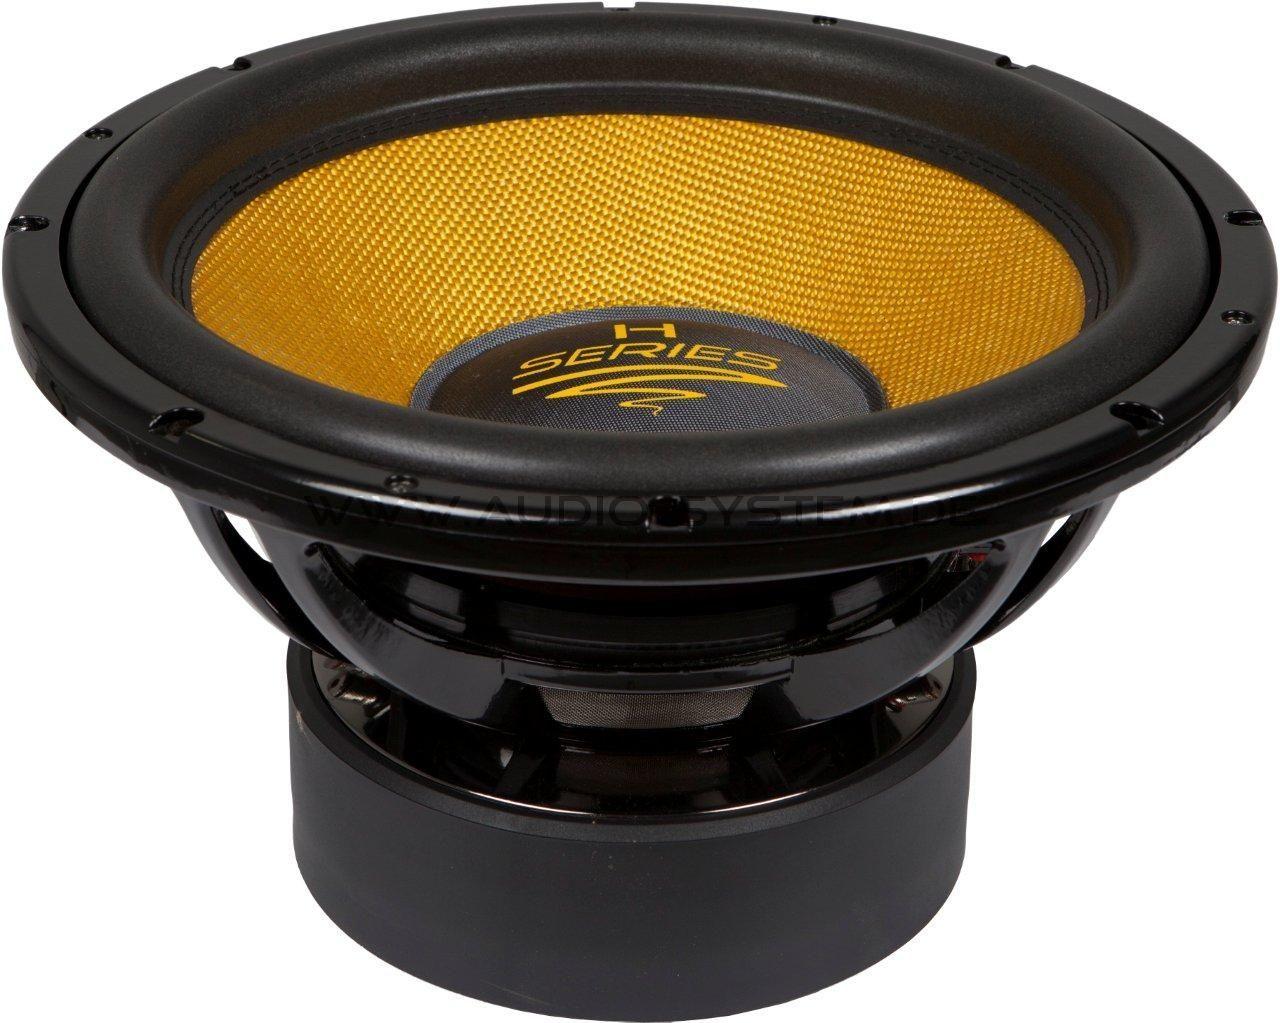 Audio system h 15 spl subwoofer im autoradio shop von autoradioland unter http